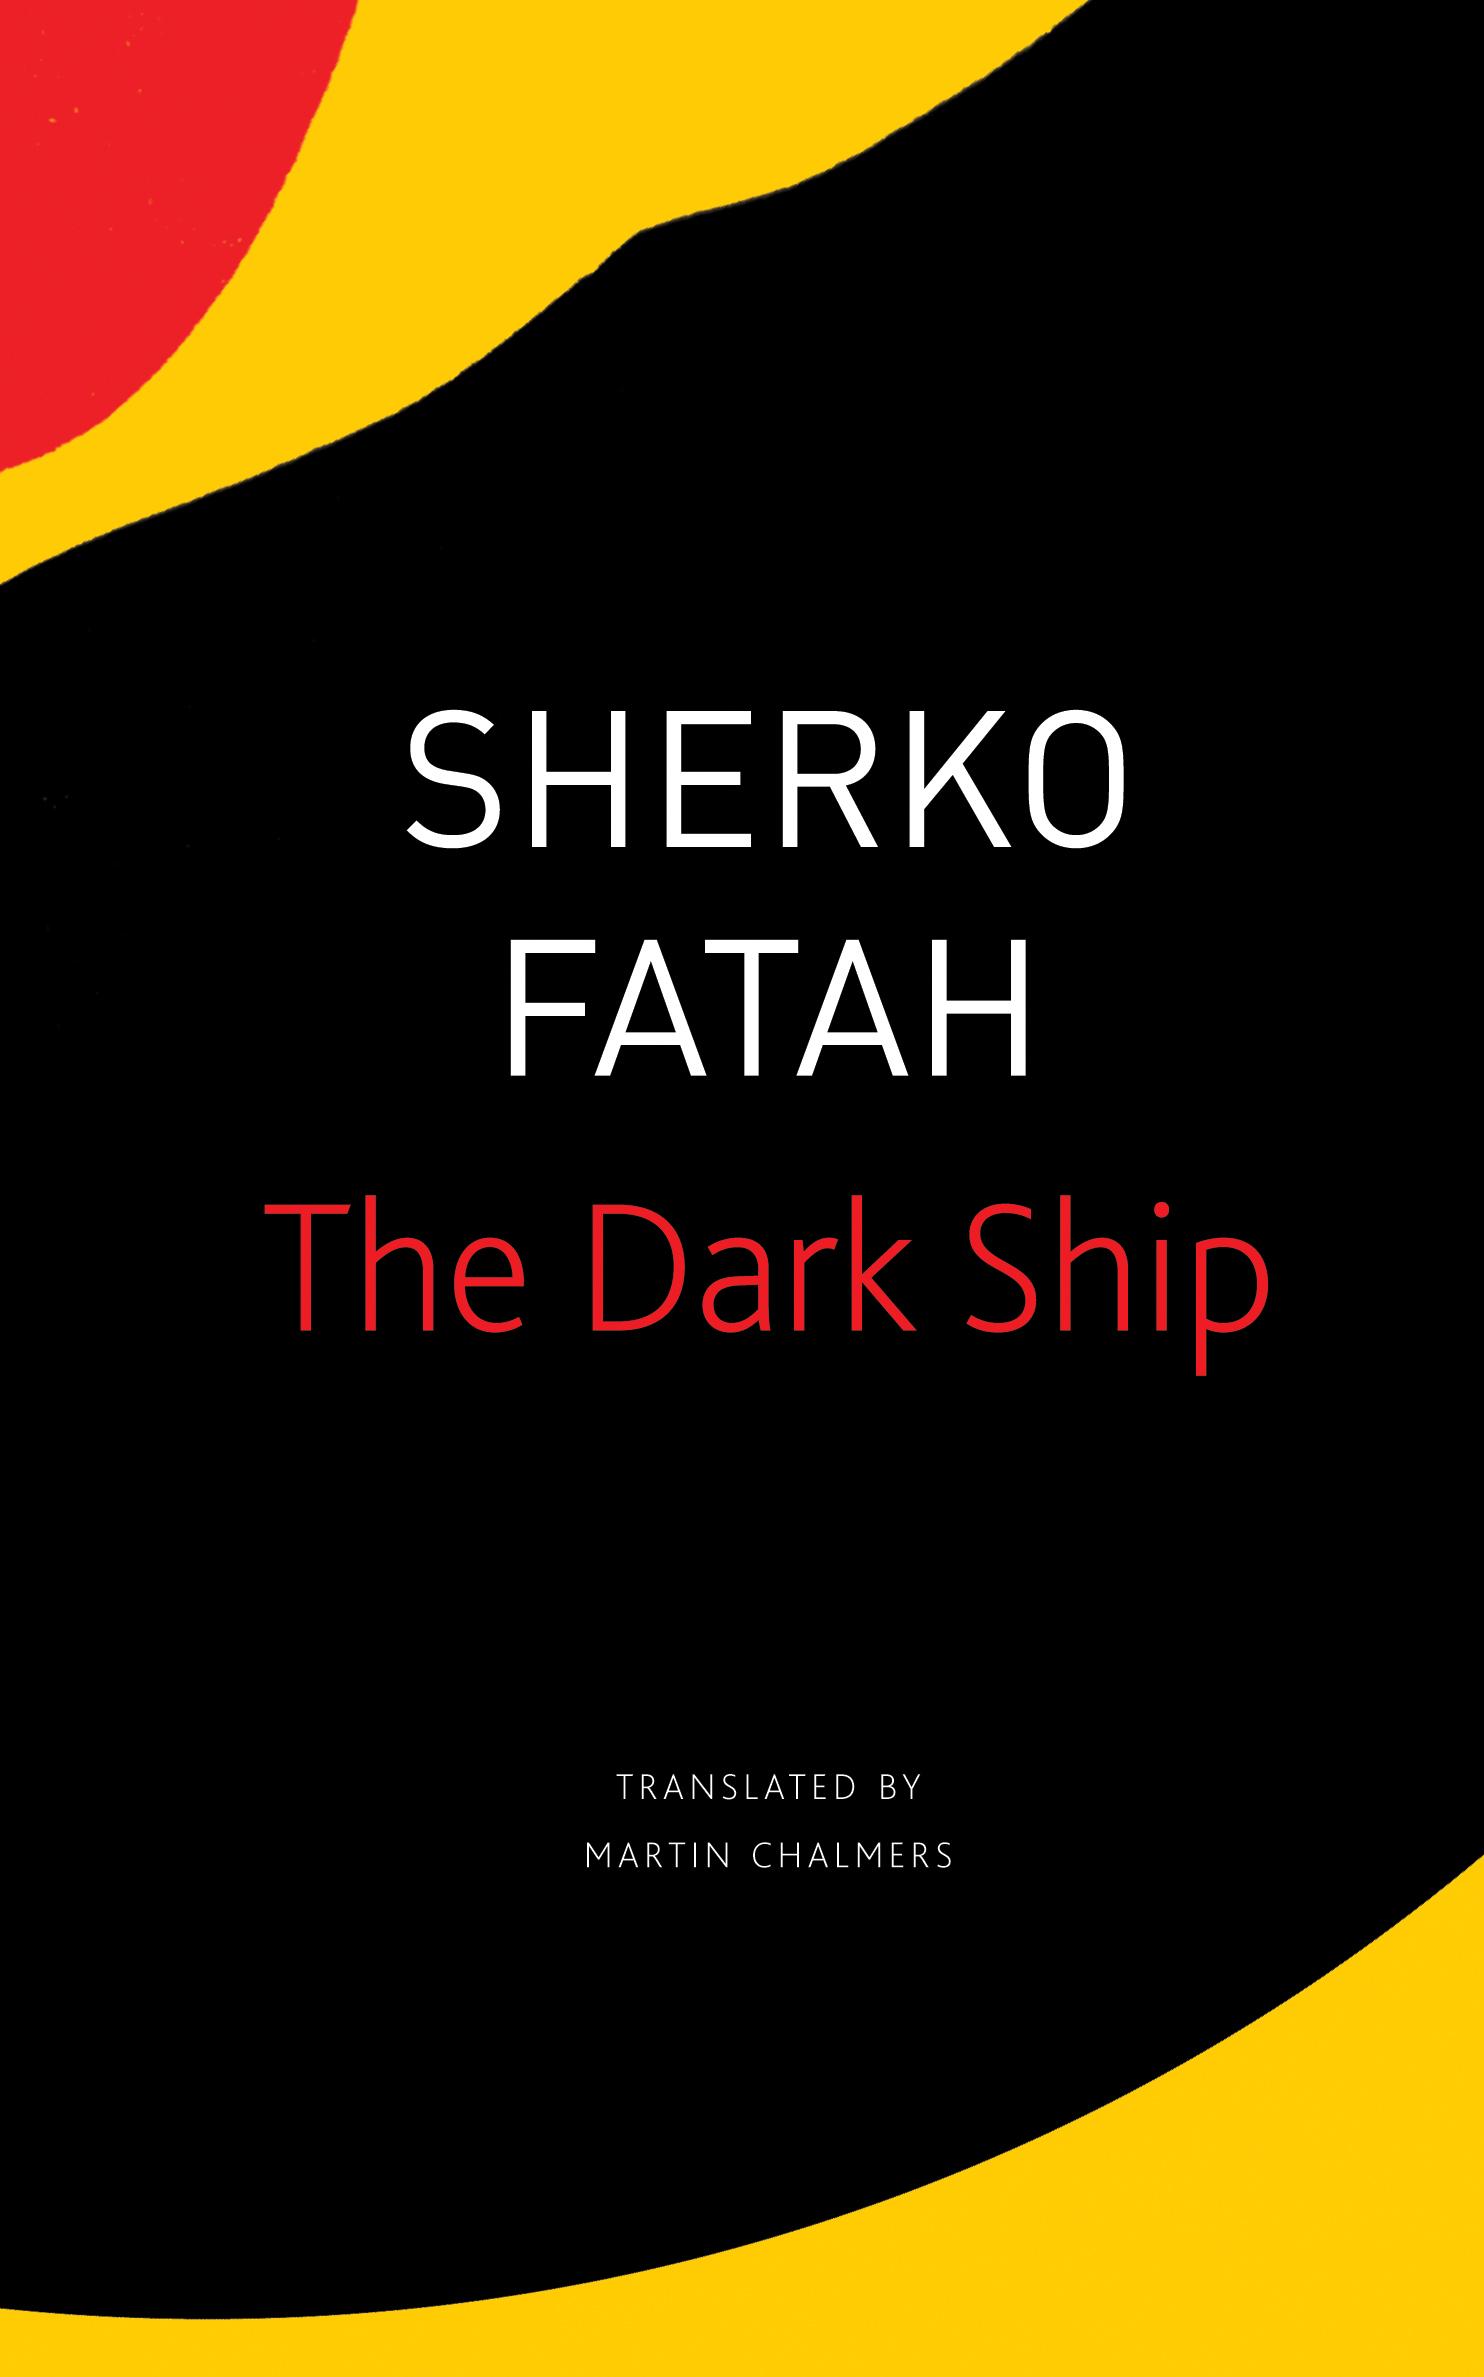 The Dark Ship by Sherko Fatah | Seagull Books